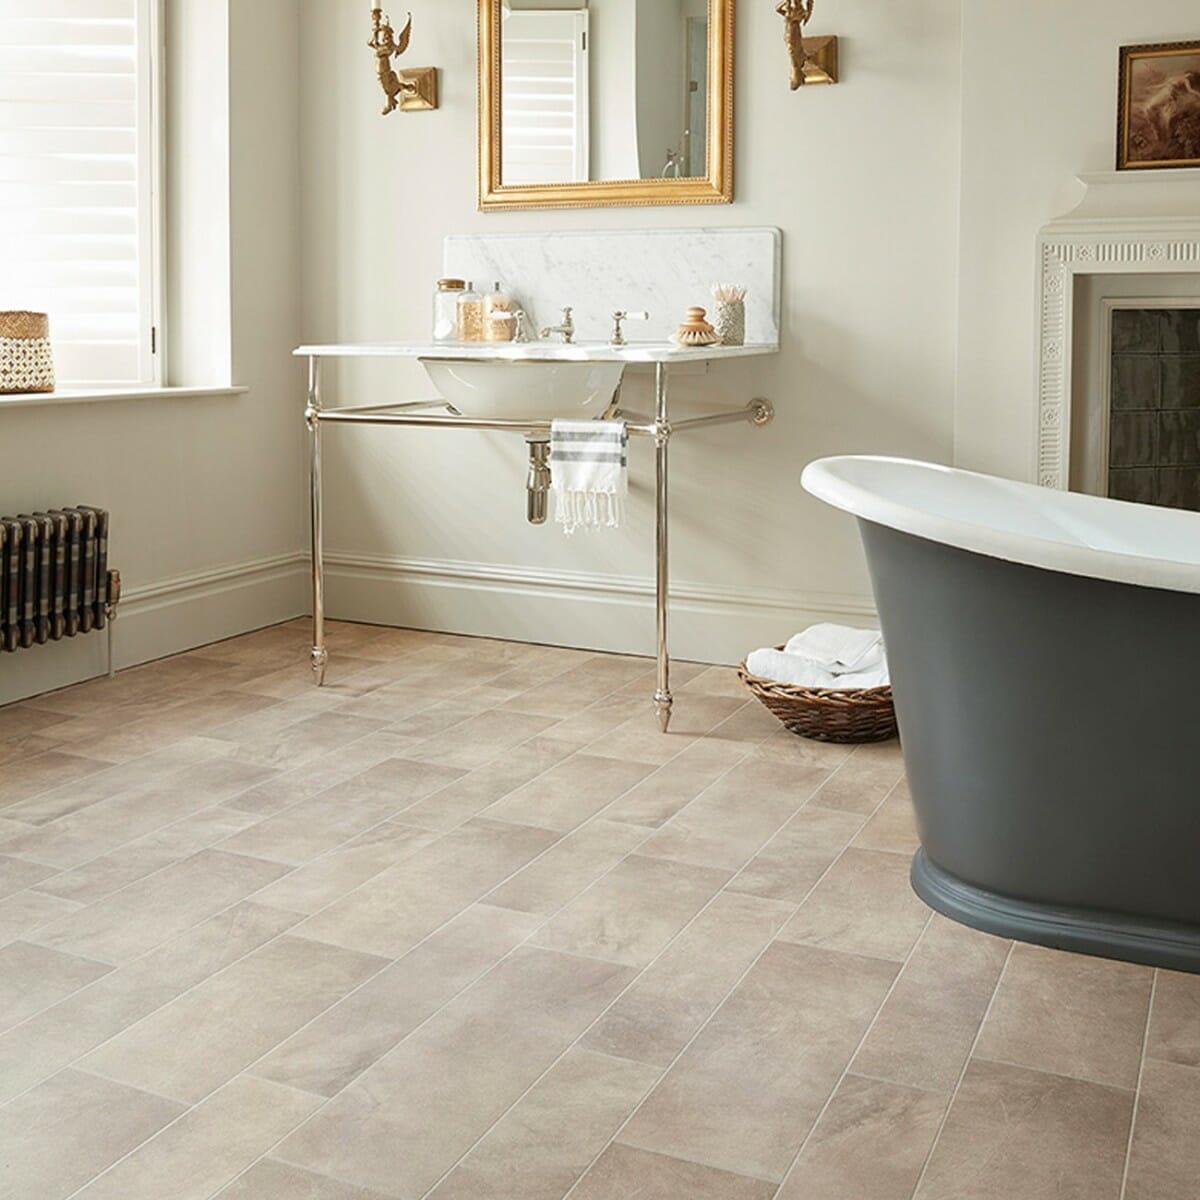 hình ảnh phòng tắm với sàn lát nhựa Vinyl, bồn tắm màu đen, khung gương treo tường